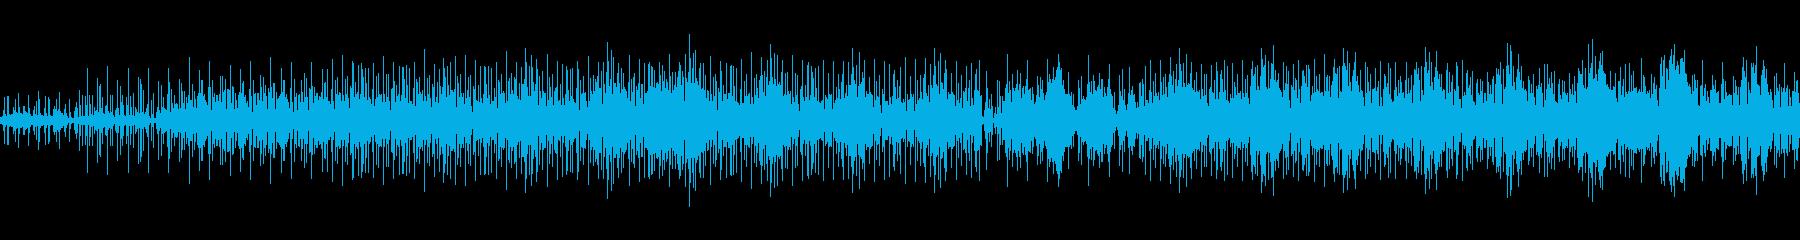 discoぽいビートの曲の再生済みの波形